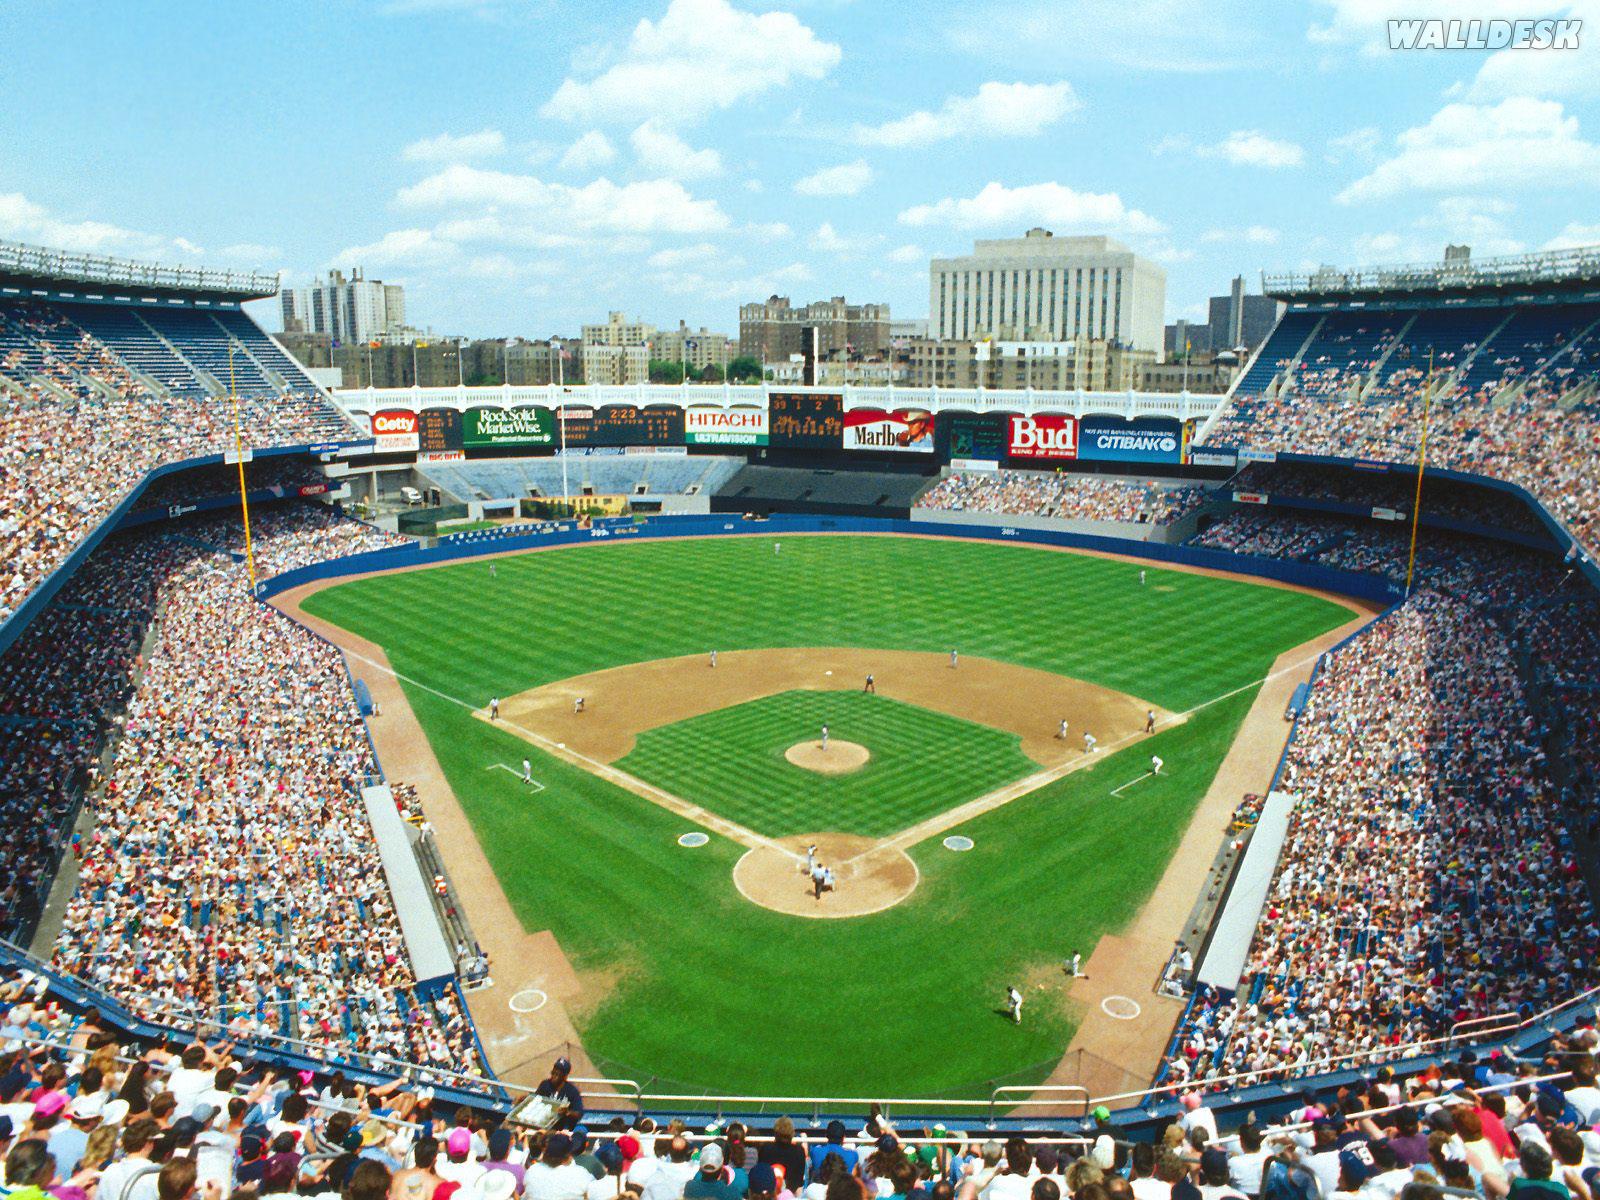 combrfotospapel de parede estadio de baseball em nova yorkasp 1600x1200